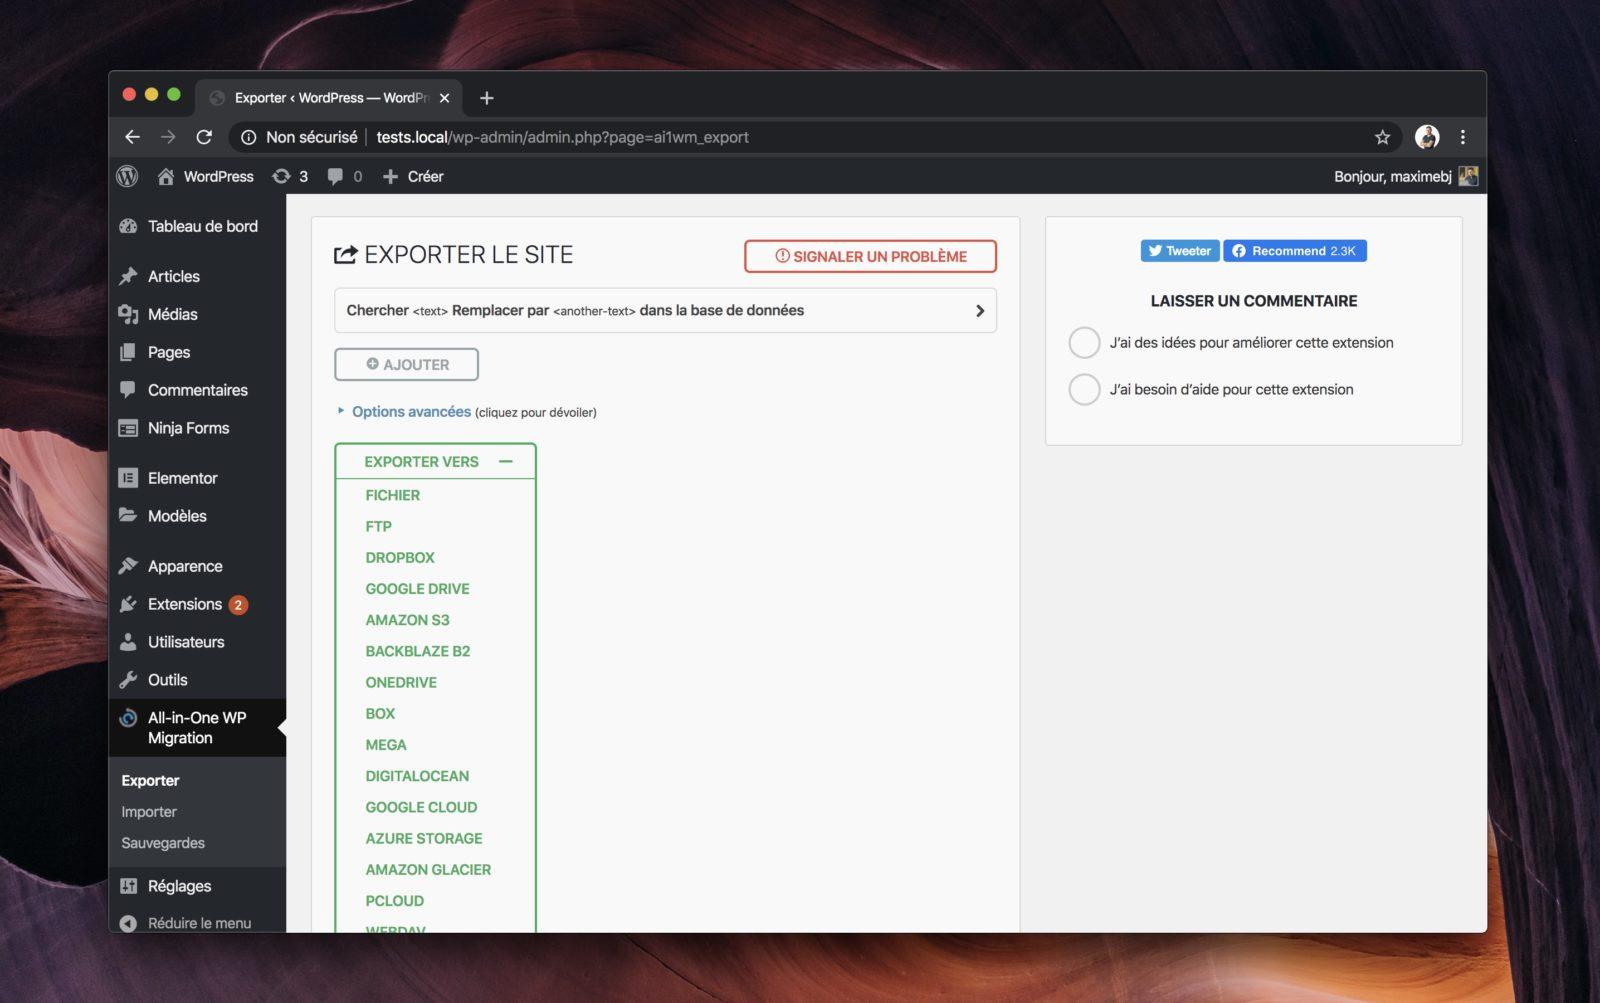 Capture d'écran de All-in-One WP Migration montrant l'interface d'export de site